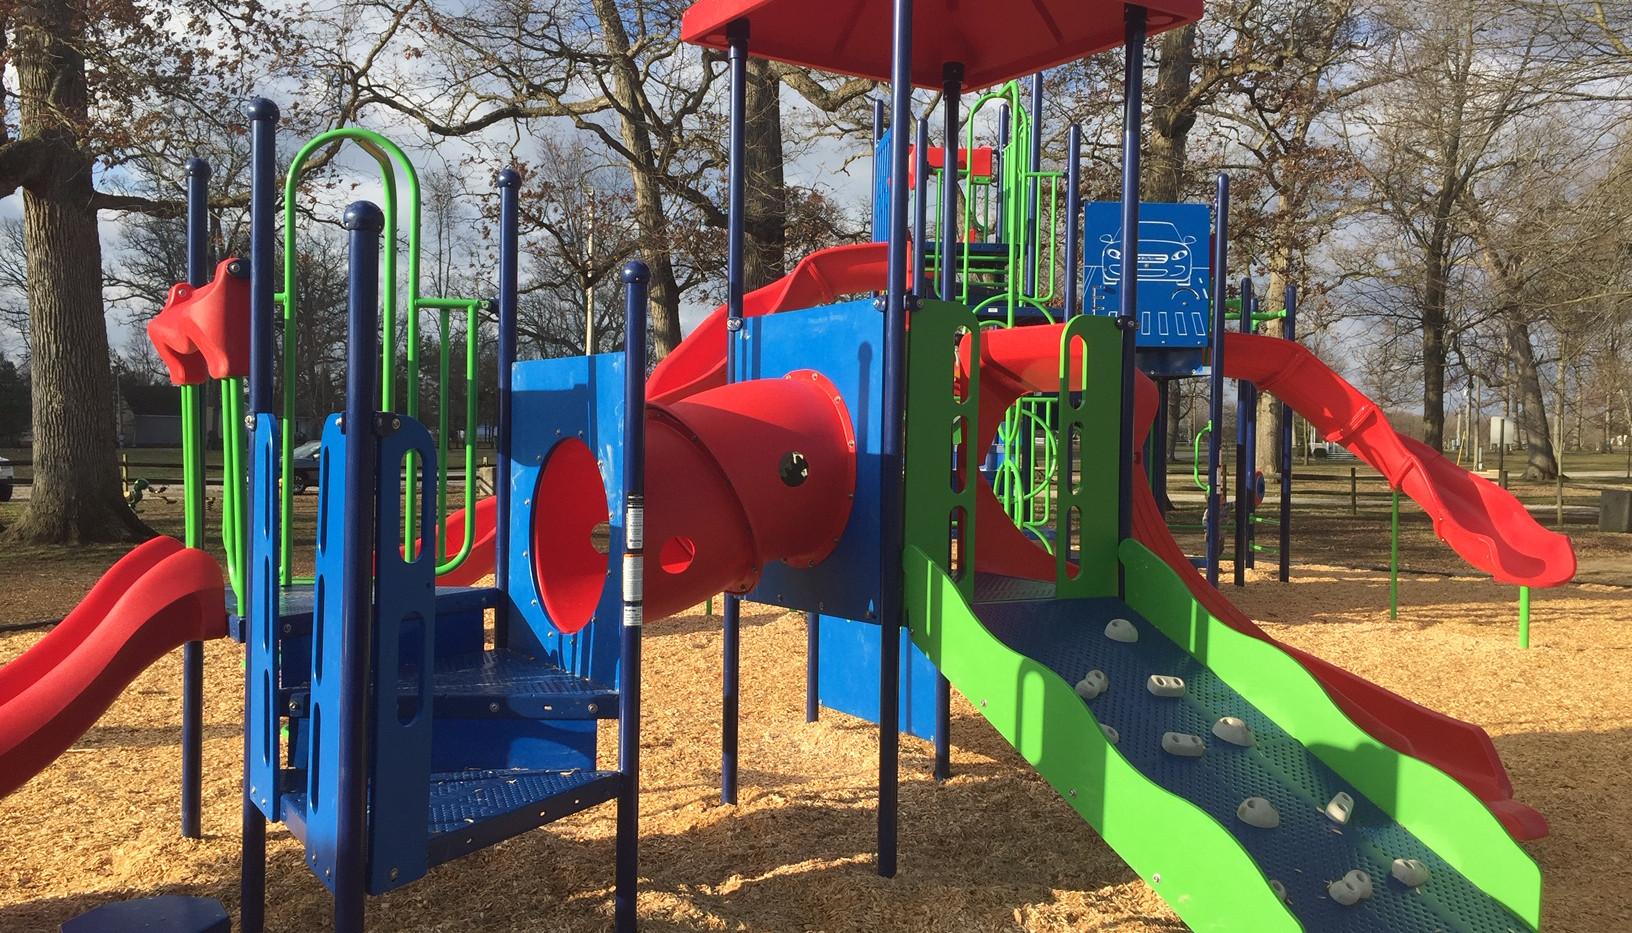 Pastime Park